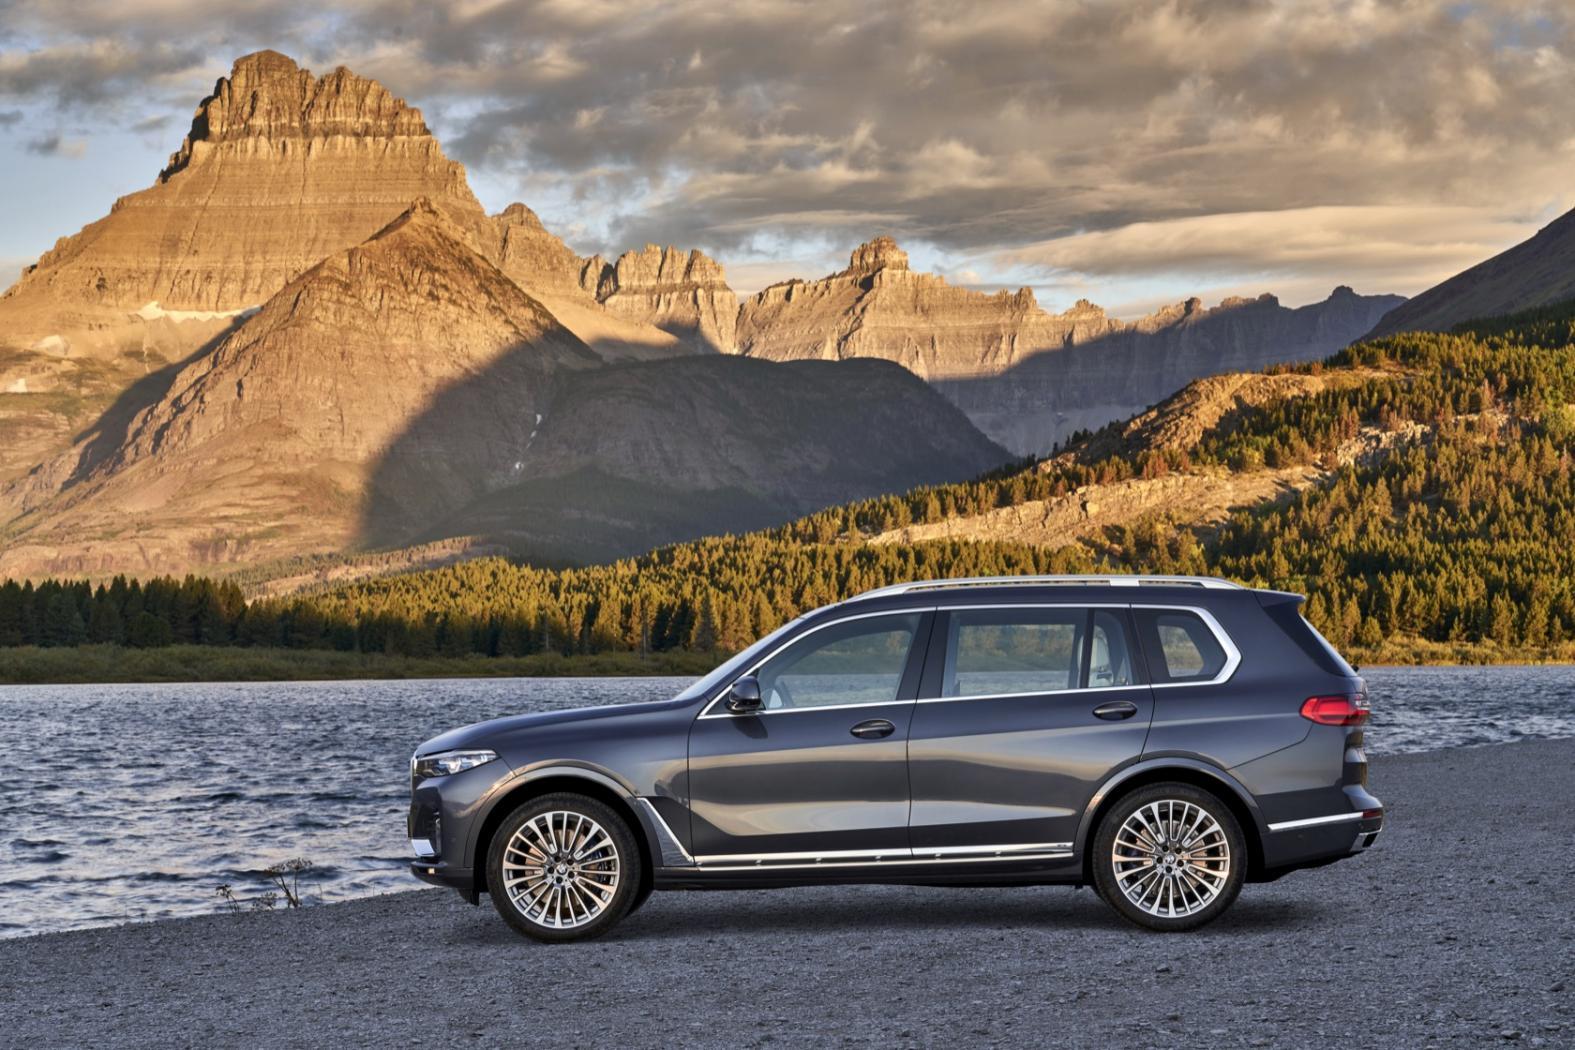 X7-le-nouveau-SUV-XXL-de-BMW-12.jpeg